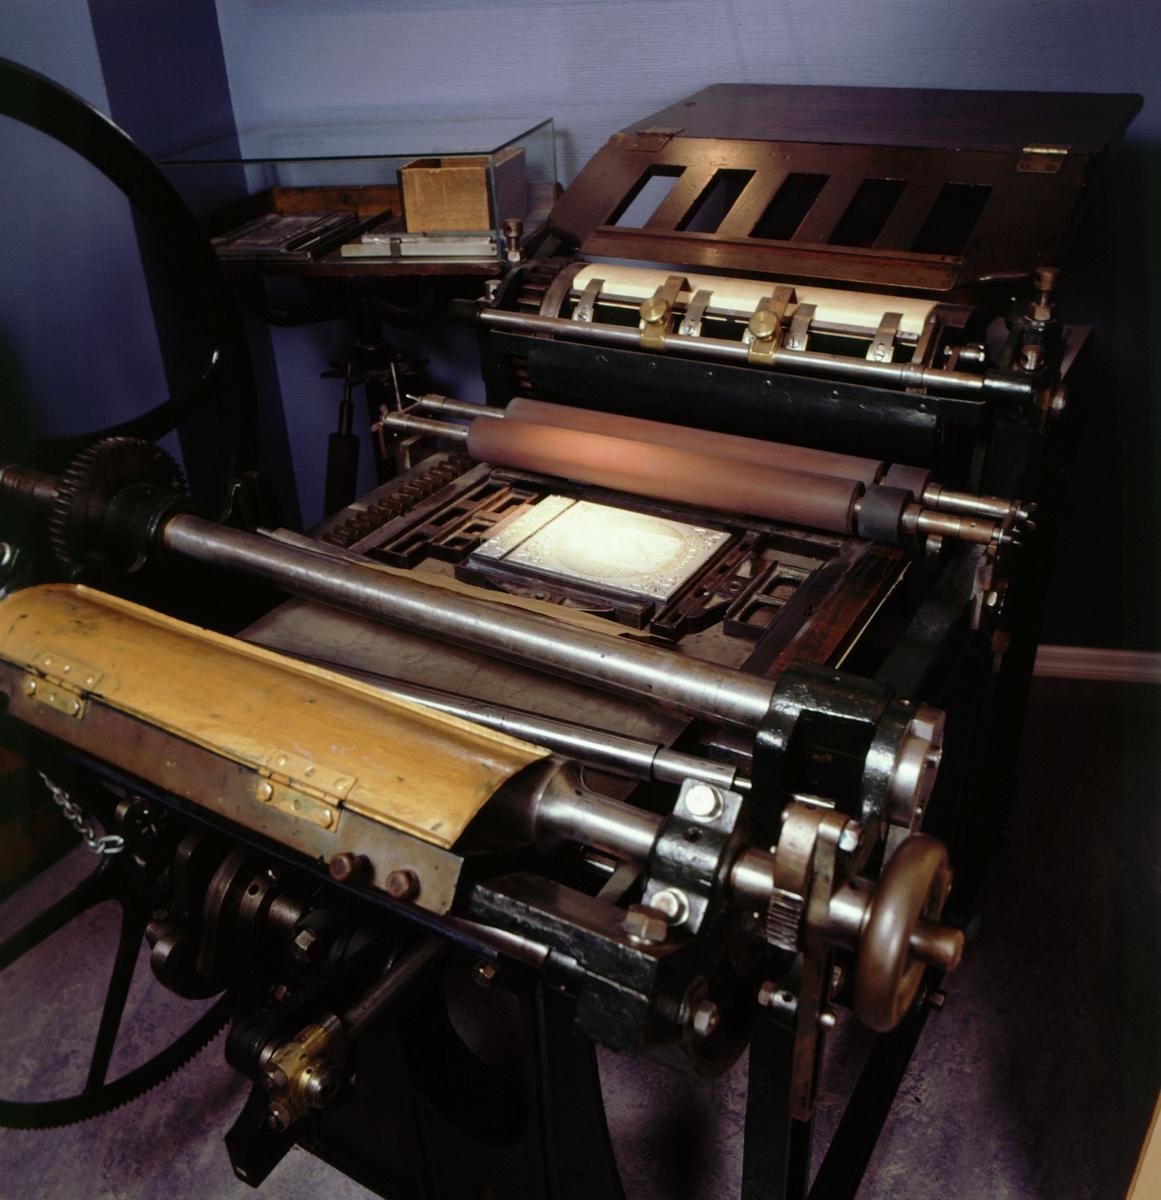 postmuseet, Kirkegata 20, utstilling, frimerkegangen, frimerkepresse